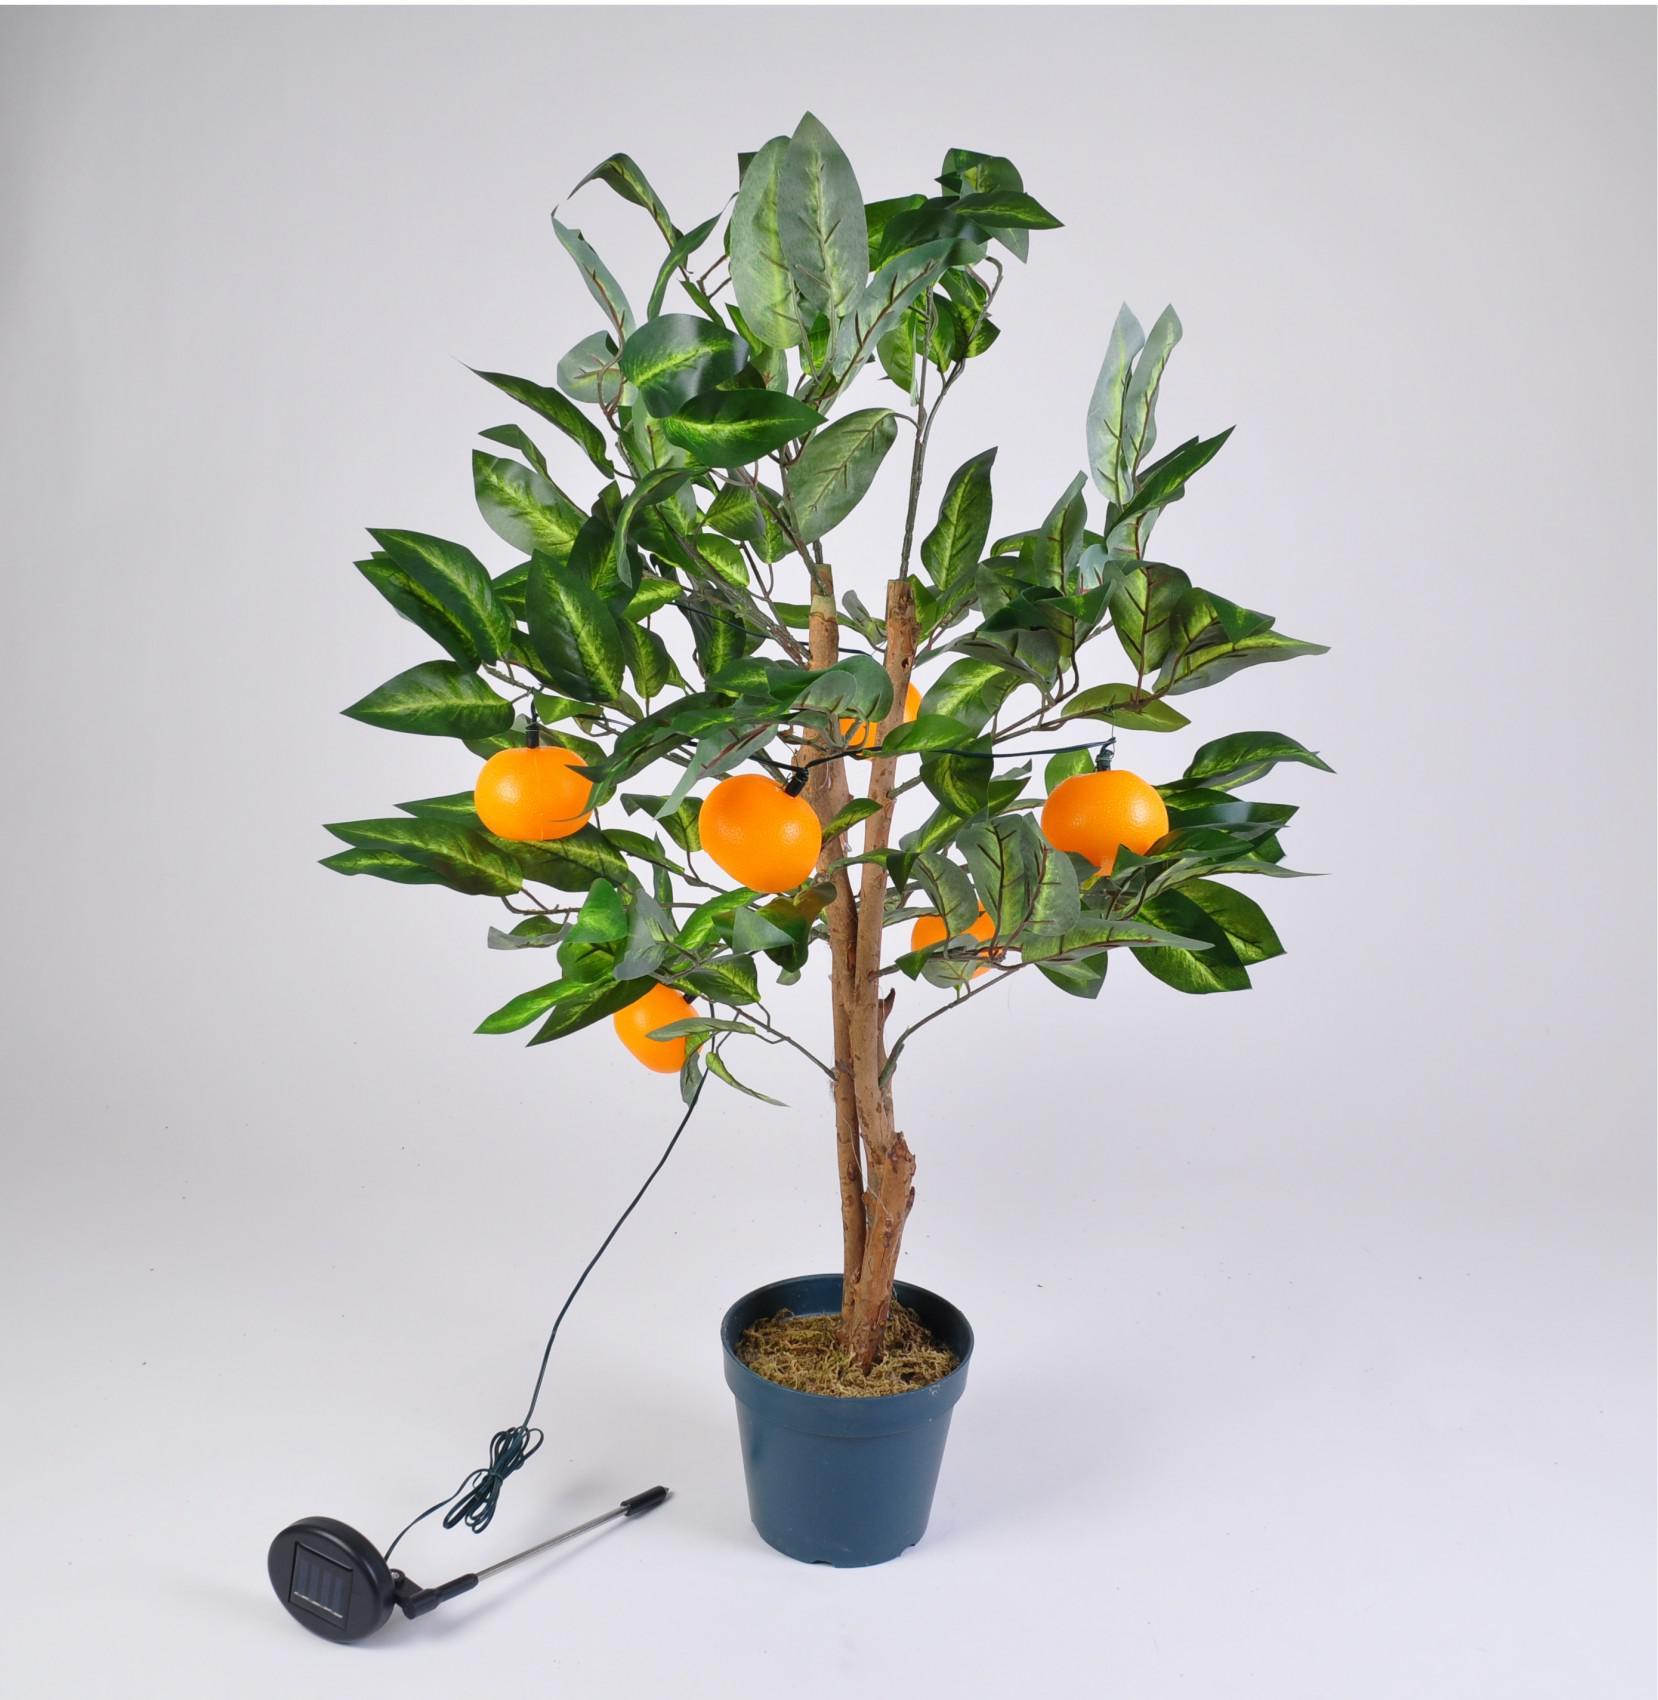 Mini Obstbaum Bambuspflanze 45 Cm Kunstpflanze Günstig Kaufen